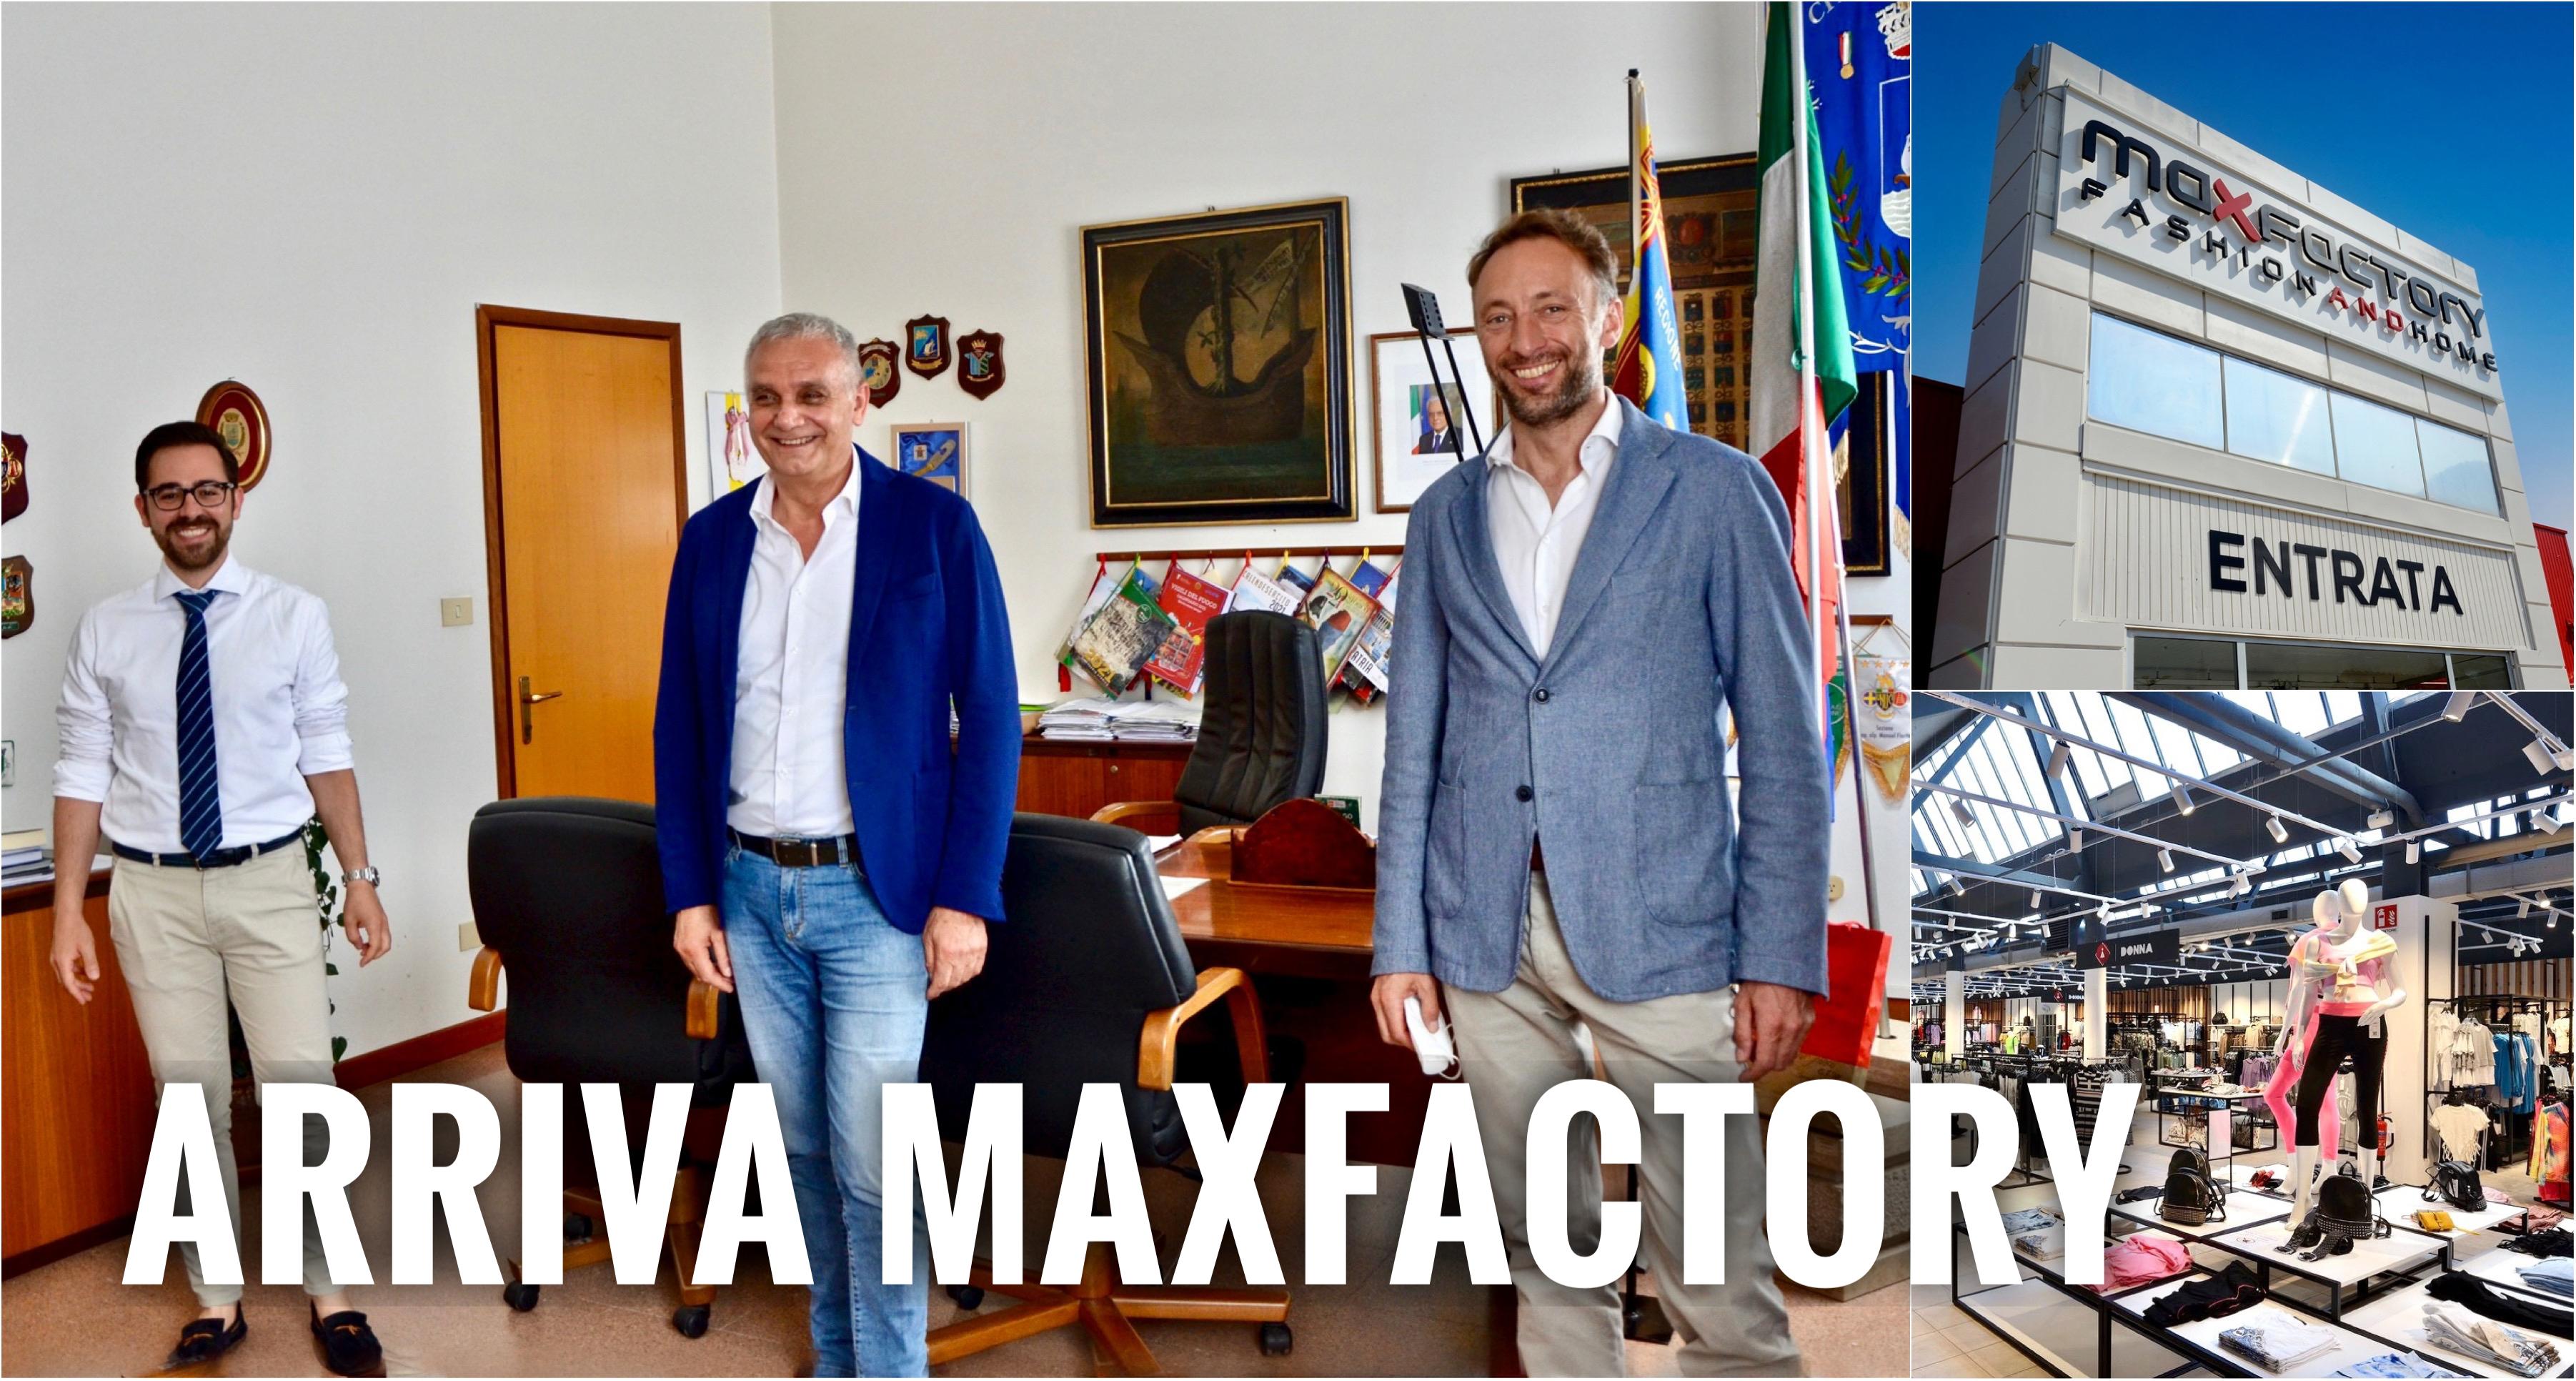 LEGNAGO. ARRIVA IL GRUPPO MAXFACTORY ALL'EX MERCATONE UNO CON OLTRE 5 MILA MQ DI ABBIGLIAMENTO E CASA. L'OPENING A SETTEMBRE.